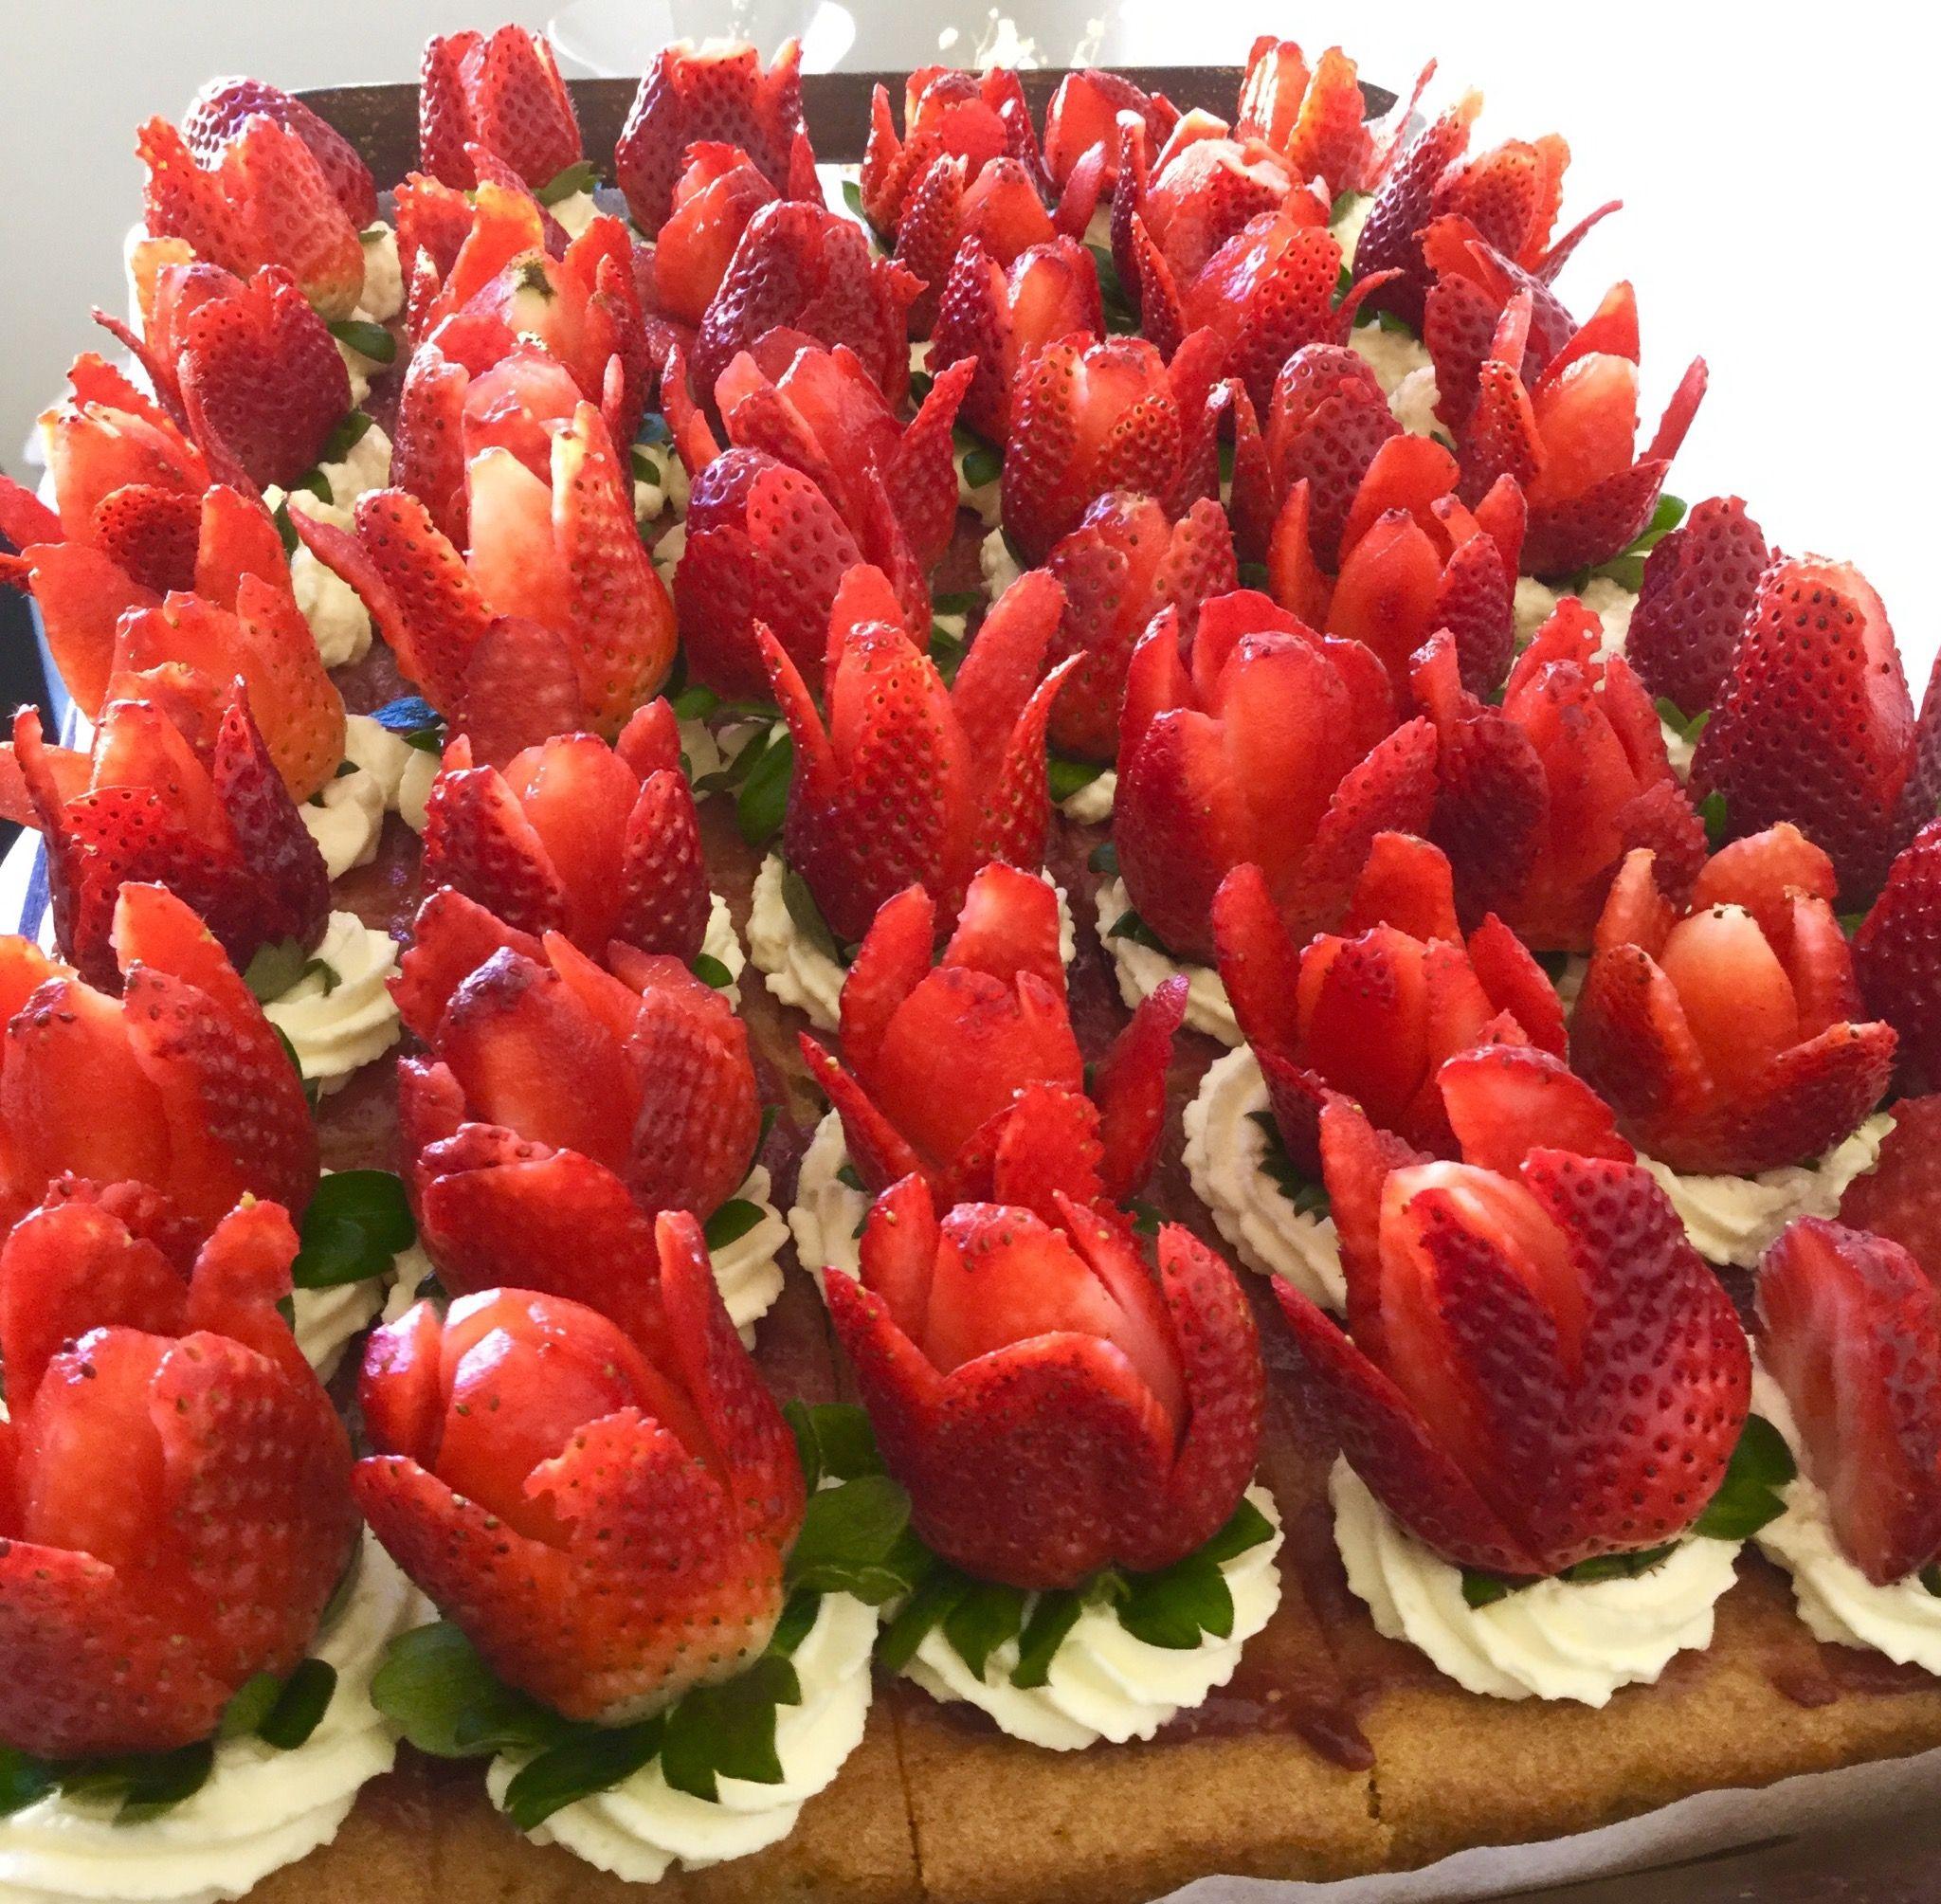 My strawberries garden. 🍓🍓🍓🍓